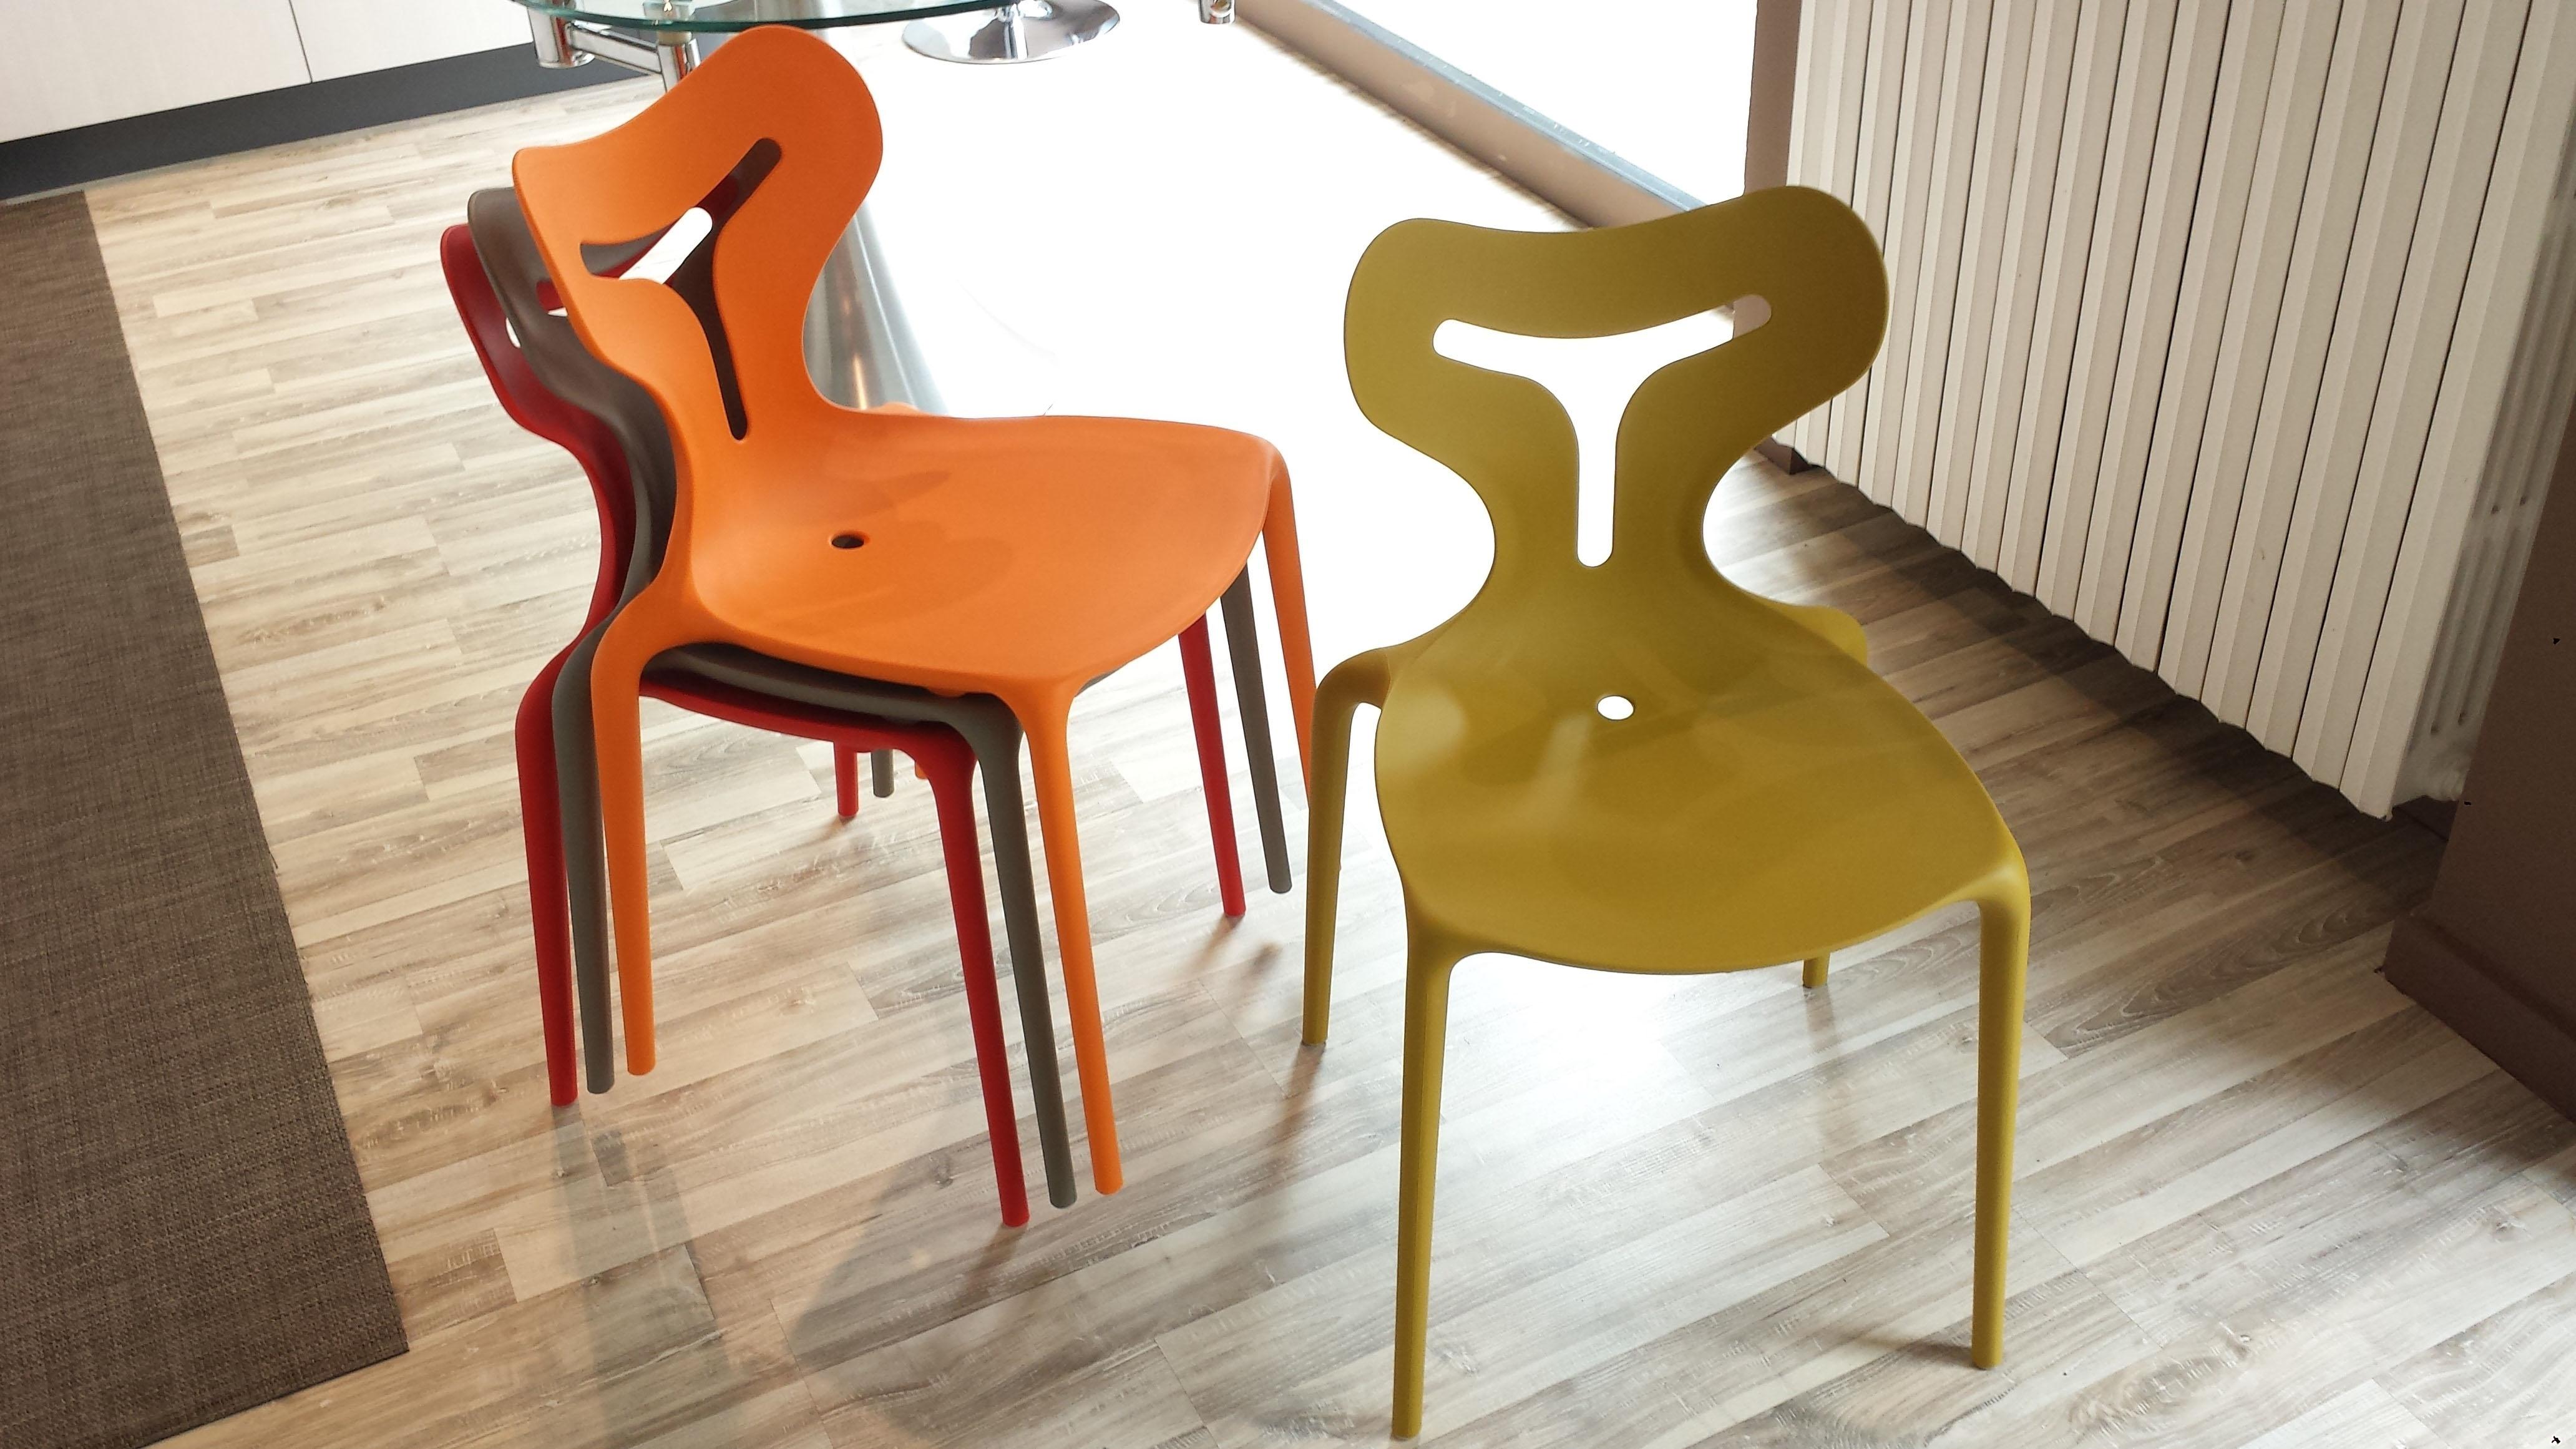 Sedia calligaris area51 20799 sedie a prezzi scontati for Sedie e tavoli calligaris prezzi